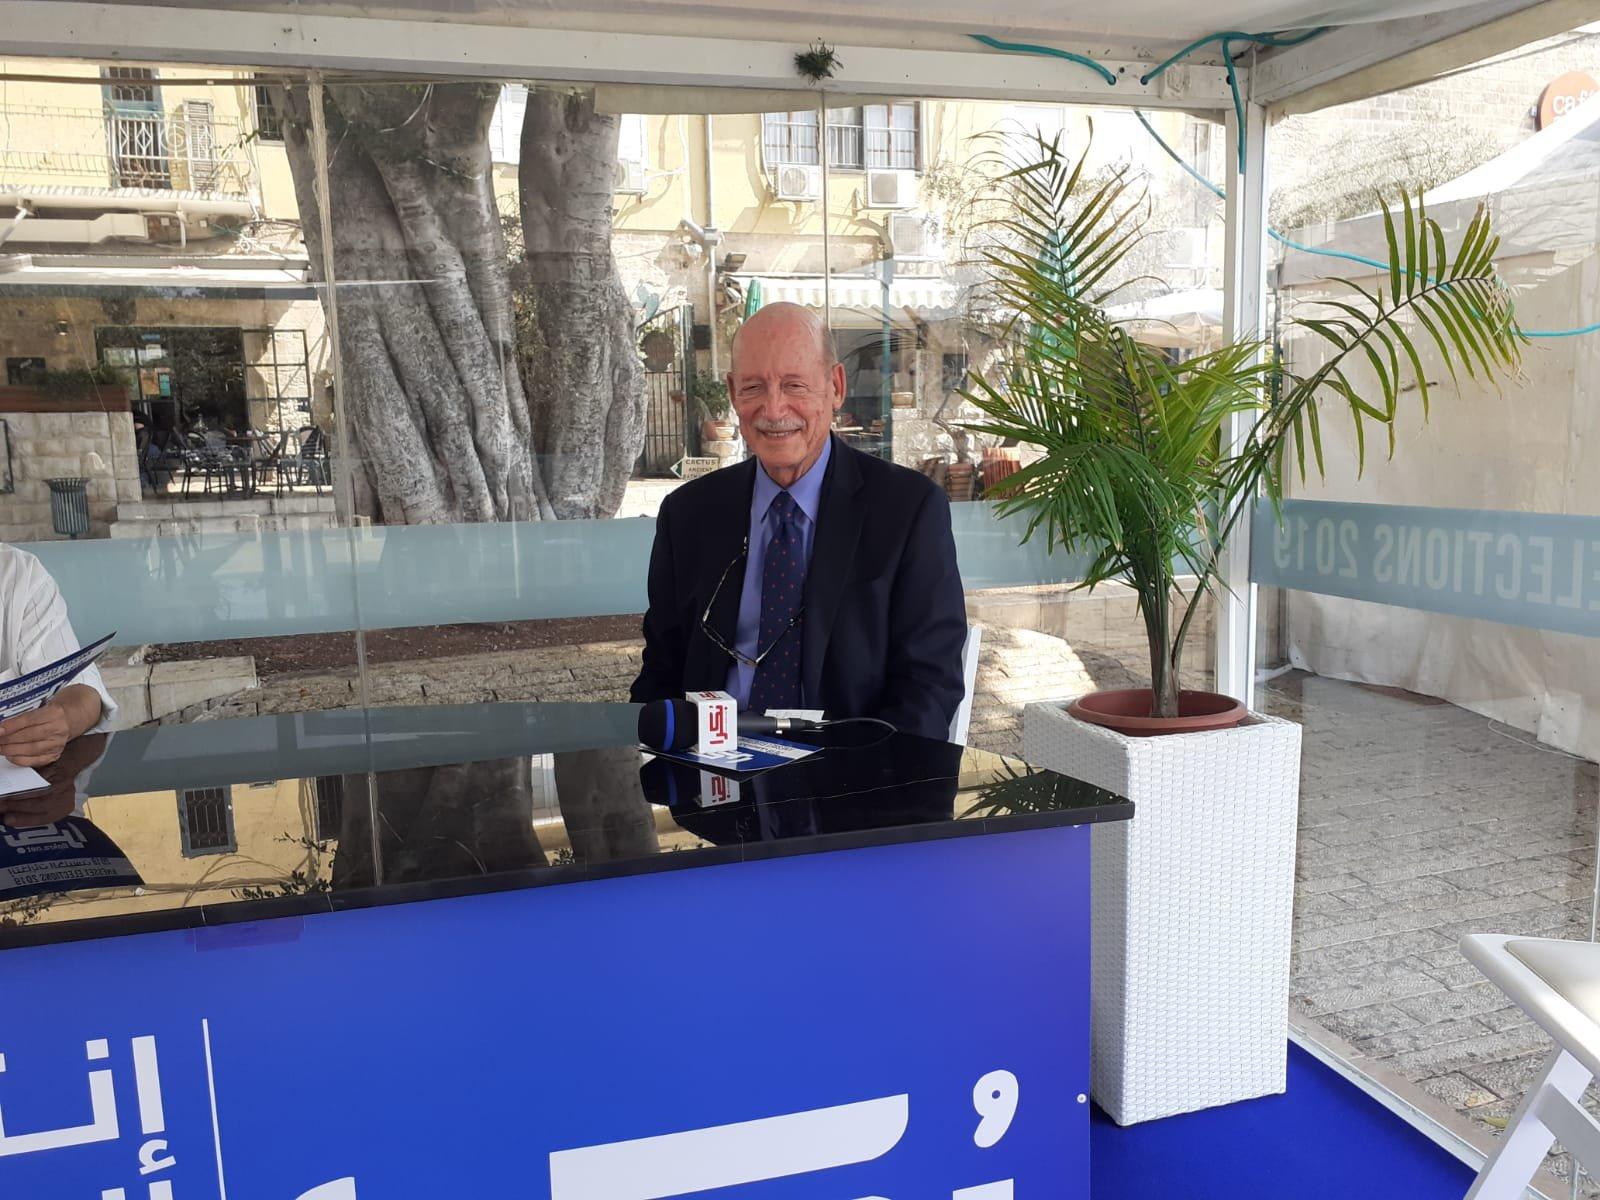 ستوديو بكرا انتخابات- ايلي شطرايت: الجو العام معاد للعرب، وأثق بأن الجمهور العربي يستطيع المساهمة بالتغيير